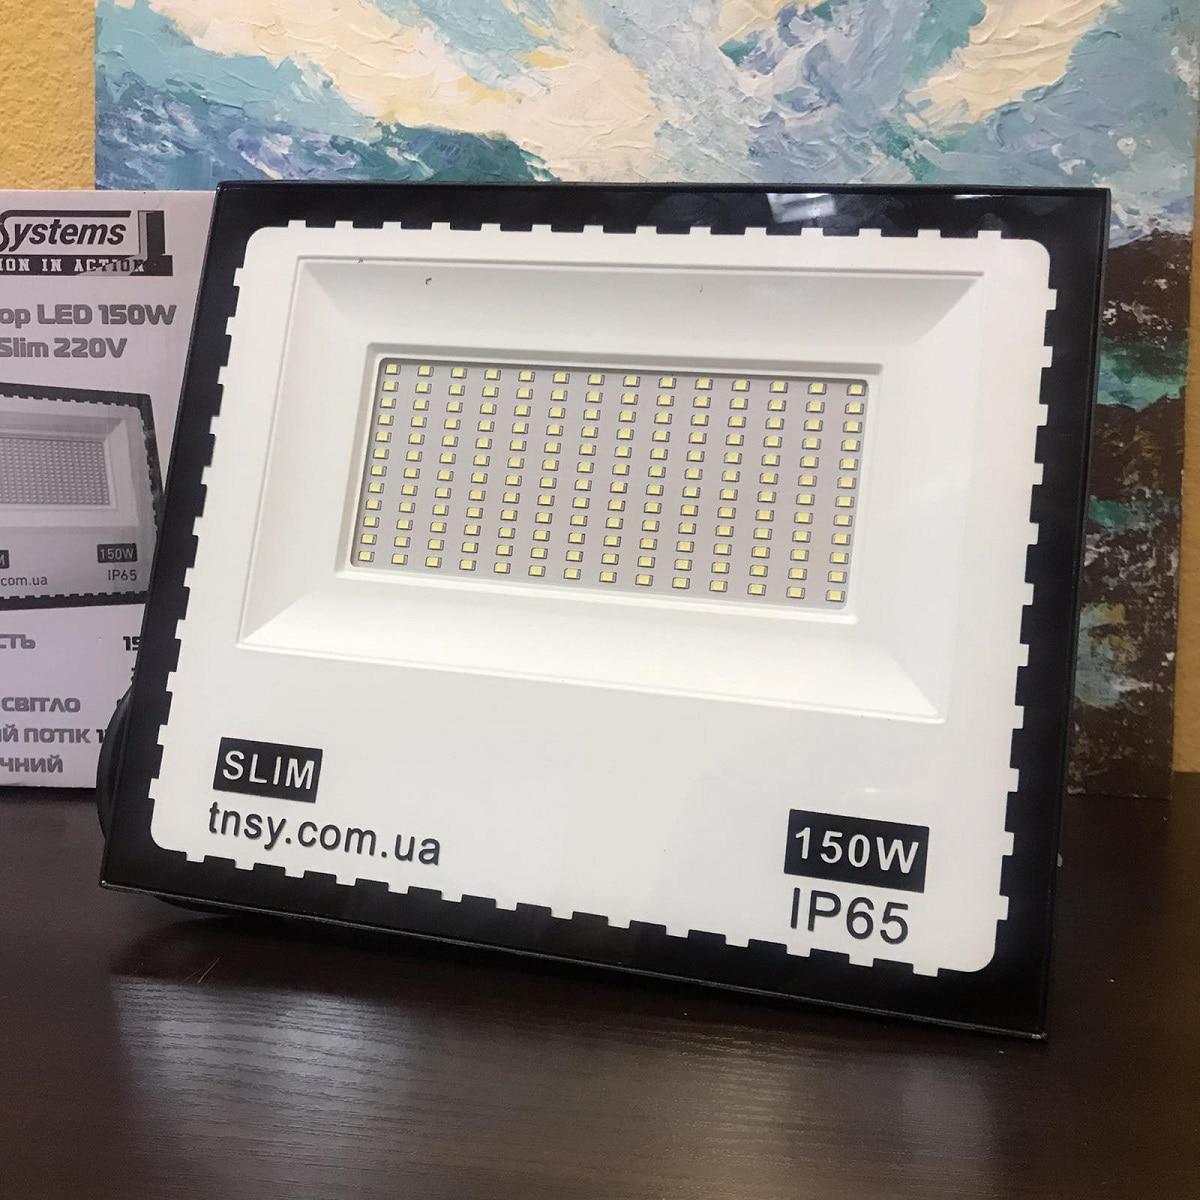 Светодиодное освещение - Лед прожектор 150W TNSy 180-260V IP65 SMD 000000447 - Фото 1